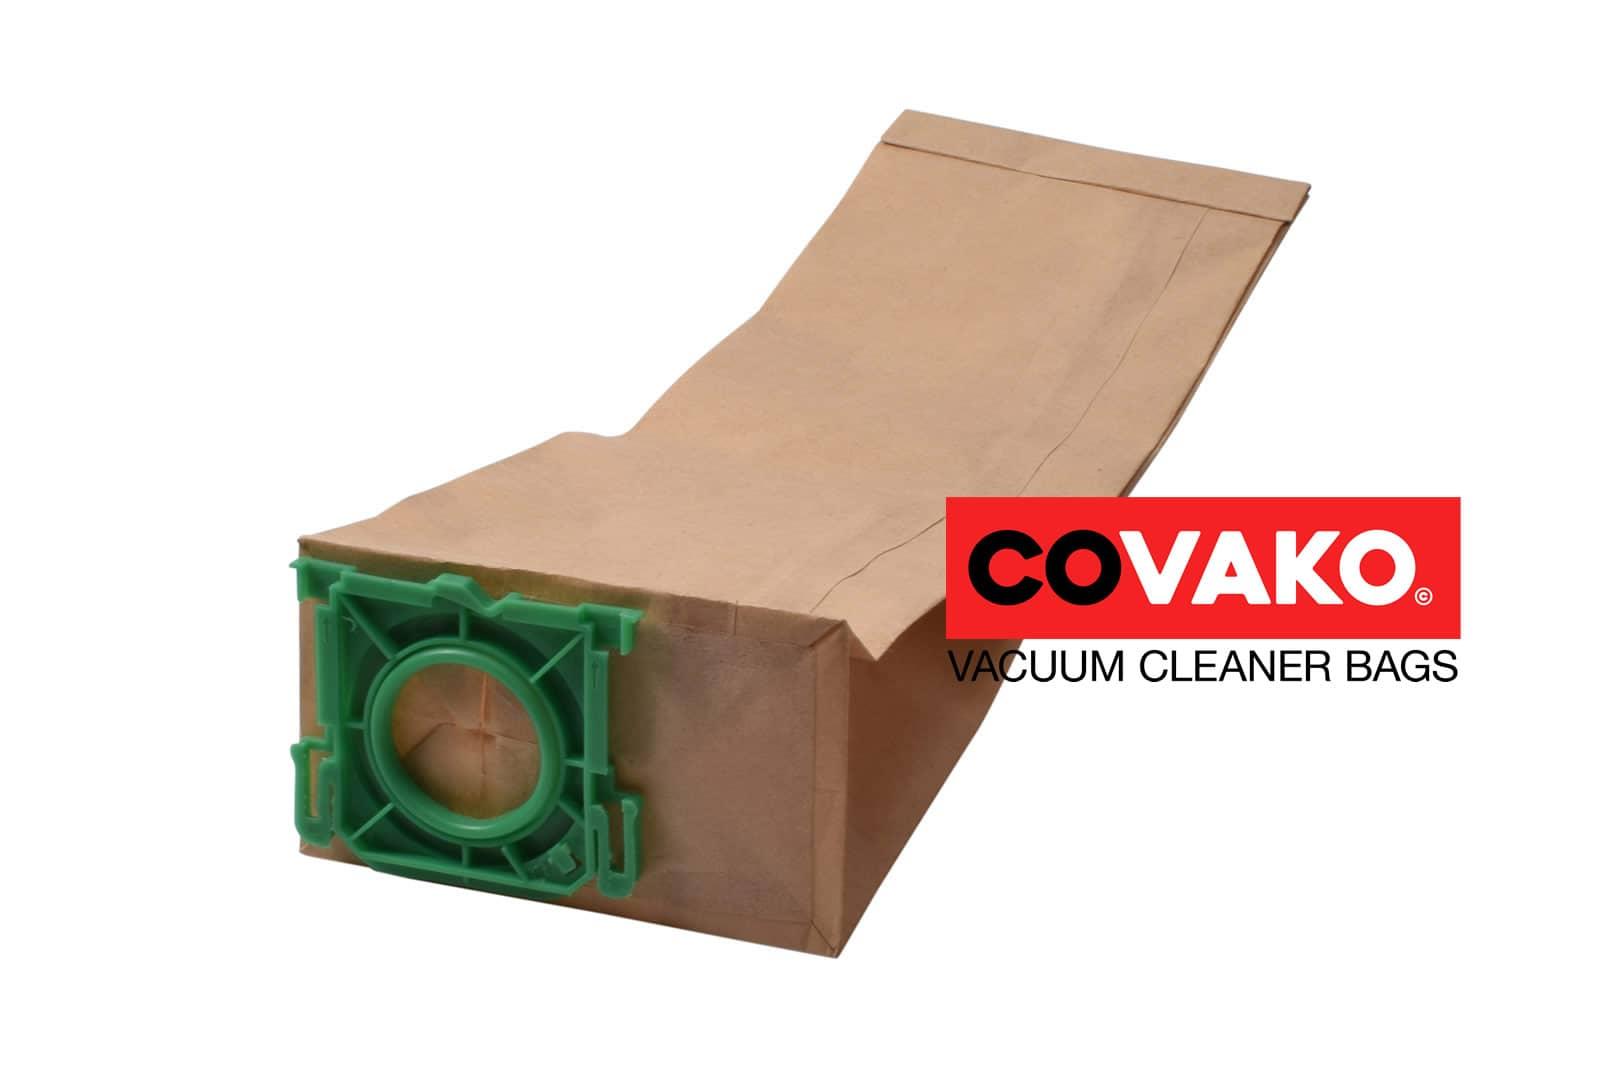 Columbus Profi 370 / Papier - Columbus sacs d'aspirateur